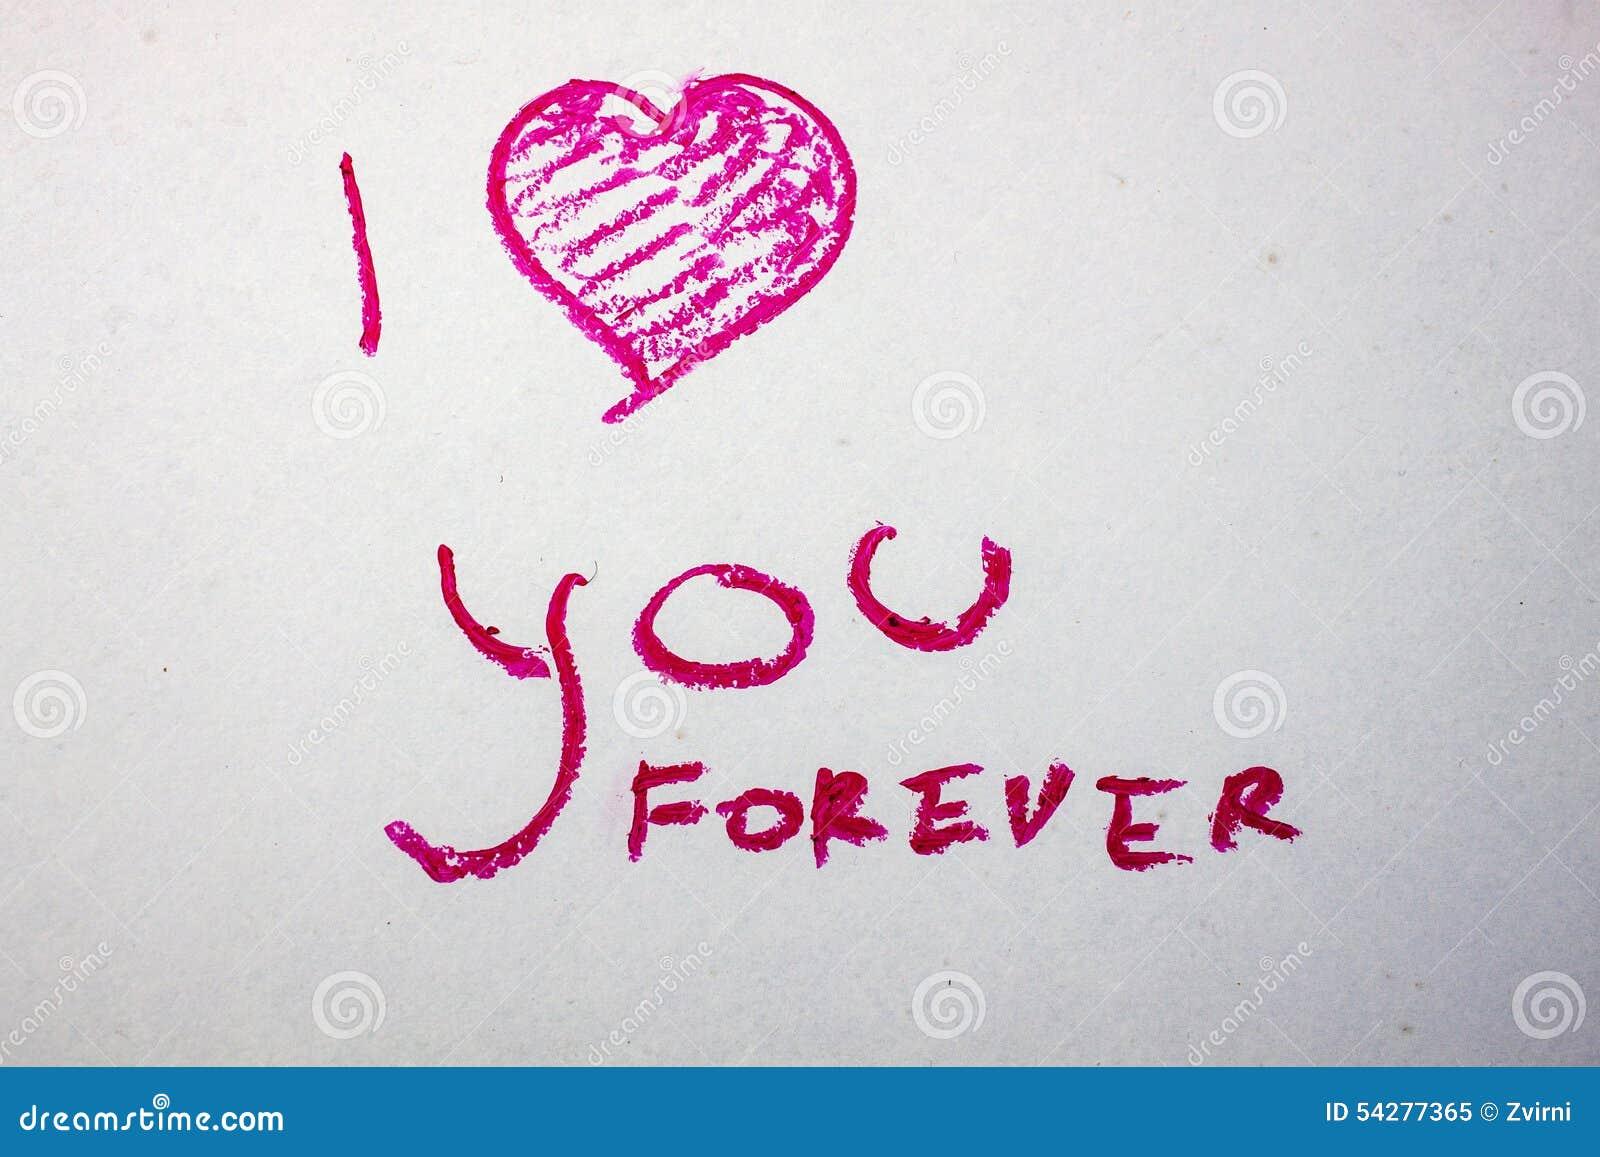 Lippenstift der Aufschrift ich liebe dich für immer